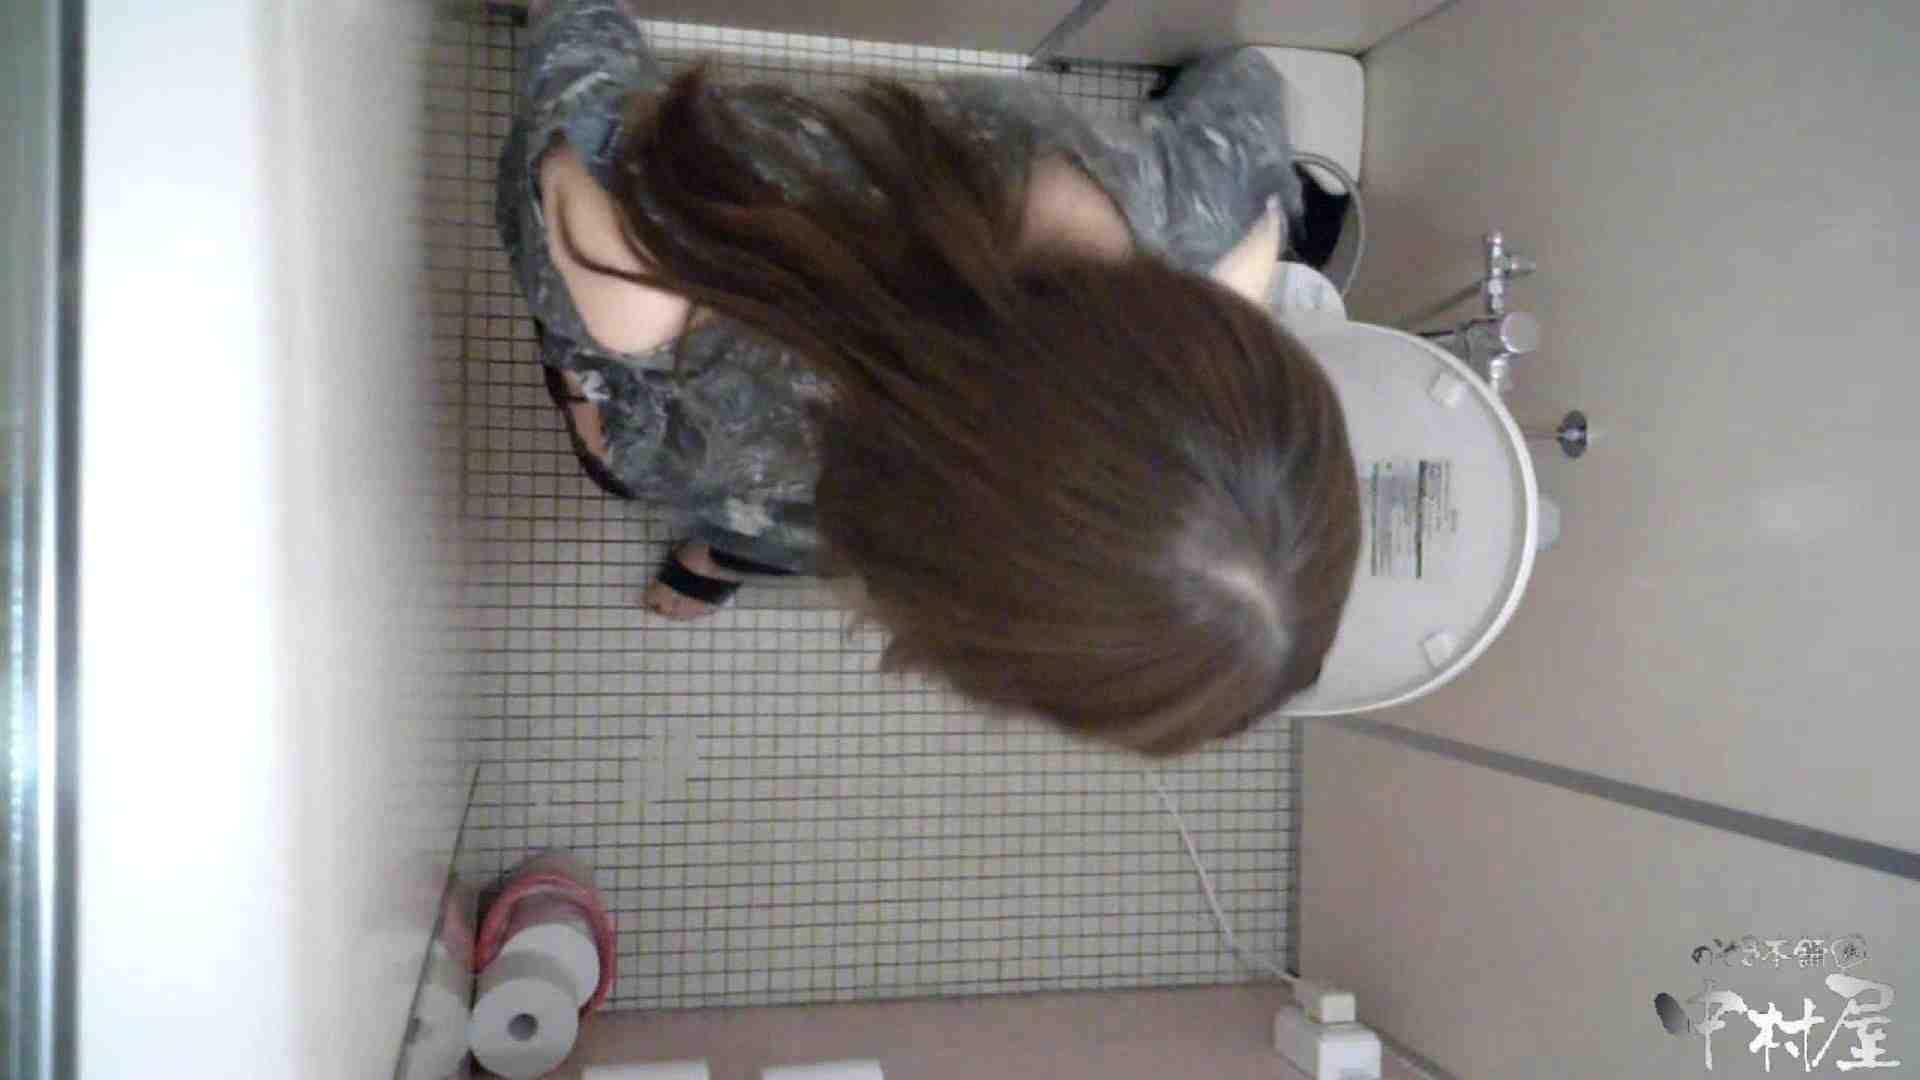 【某有名大学女性洗面所】有名大学女性洗面所 vol.43 いつみても神秘的な世界です。 0  105pic 4